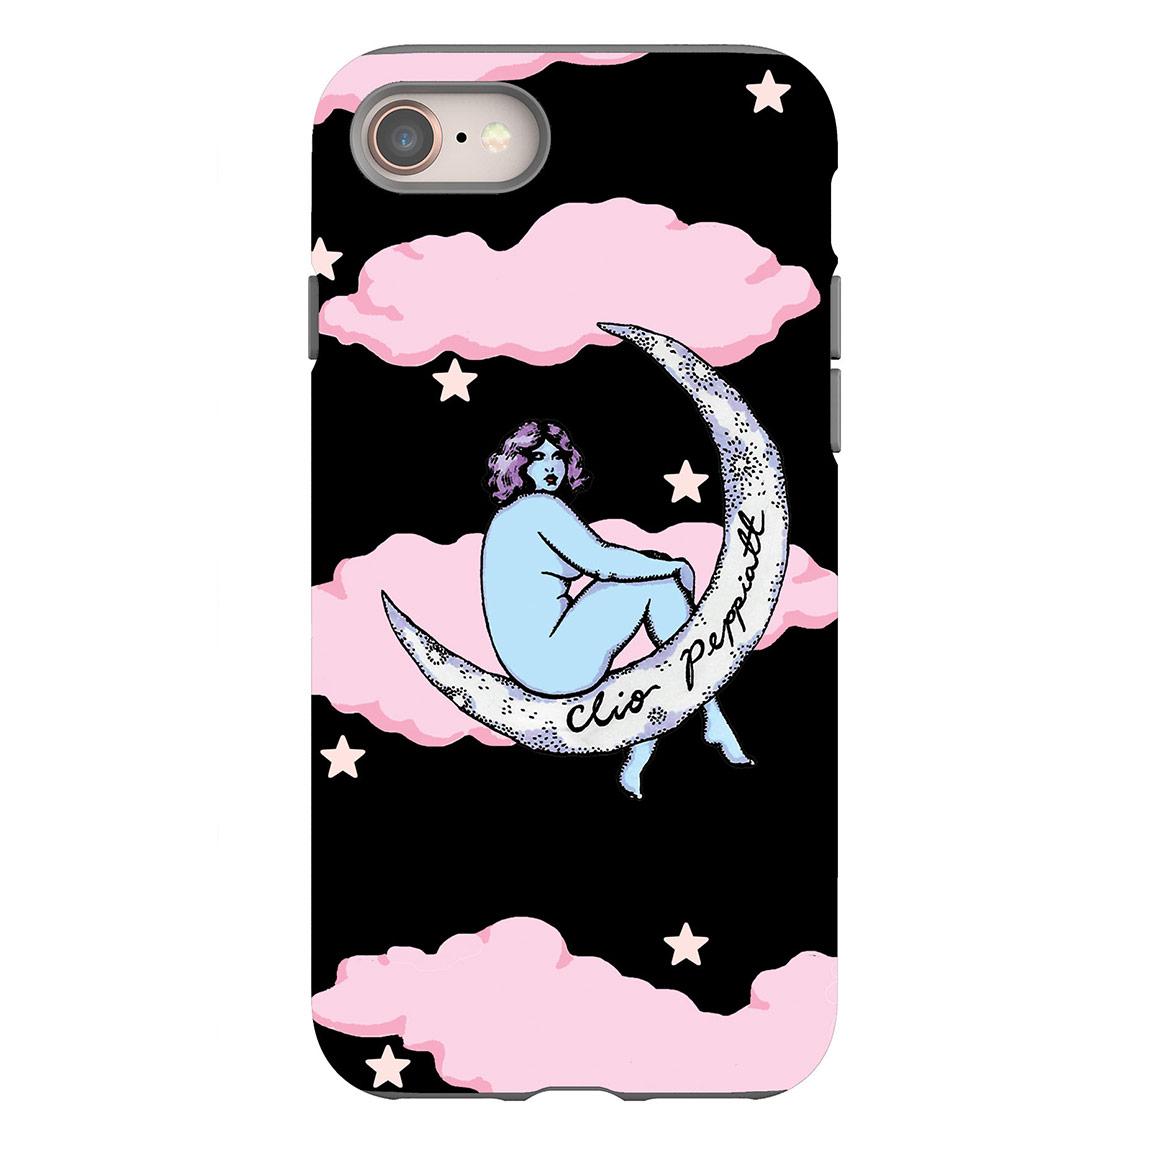 Luna-phone-case.jpg